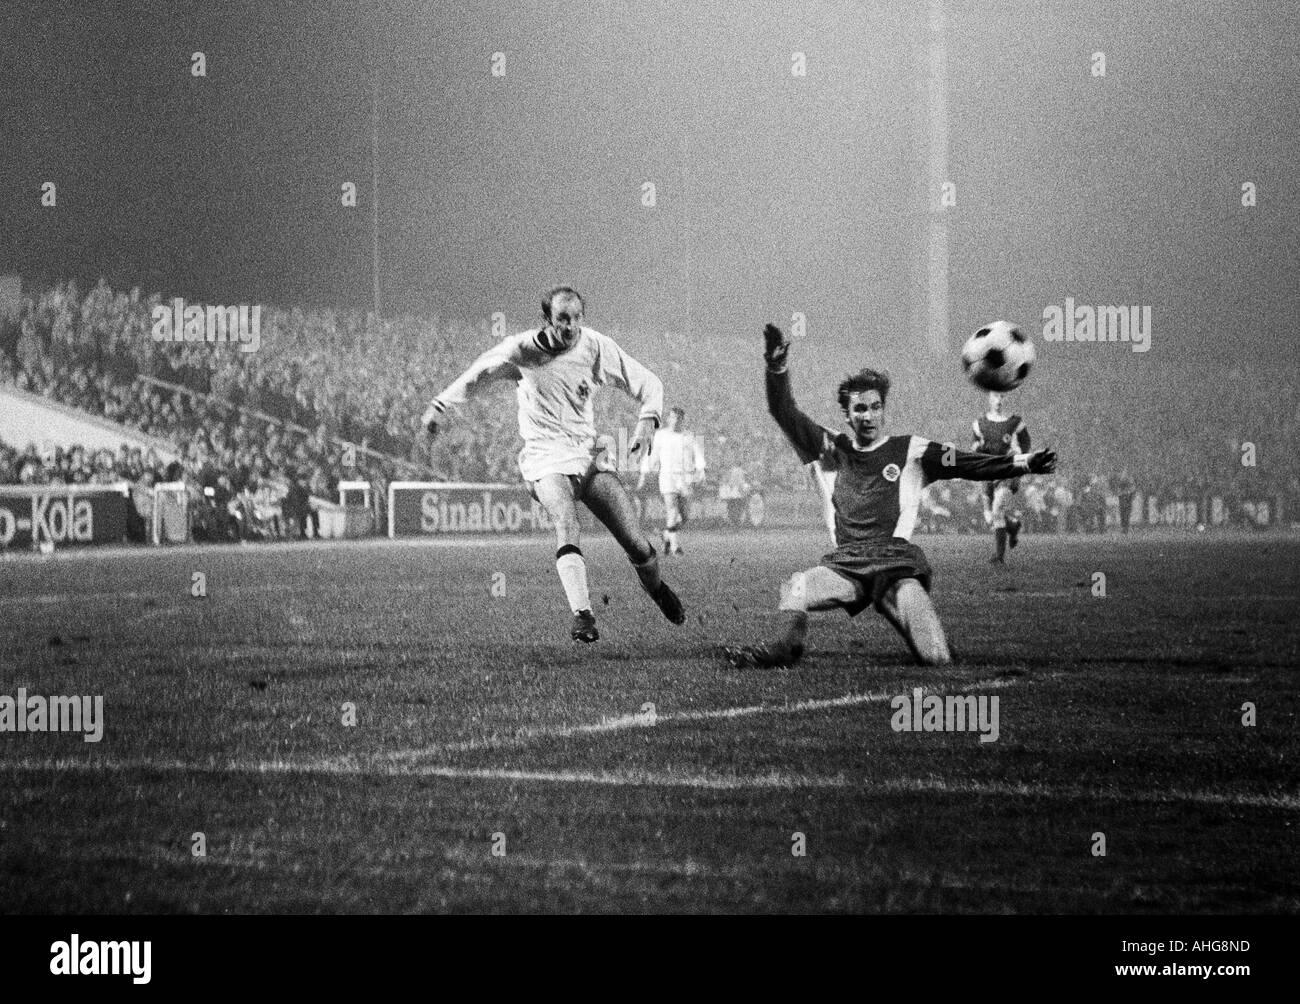 football, Bundesliga, 1969/1970, Rot-Weiss Oberhausen versus Borussia Moenchengladbach 3:4, Niederrhein Stadium in Oberhausen, scene of the match, shot on goal by Horst Koeppel (Gladbach) left, right Dieter Hentschel (Oberhausen) - Stock Image